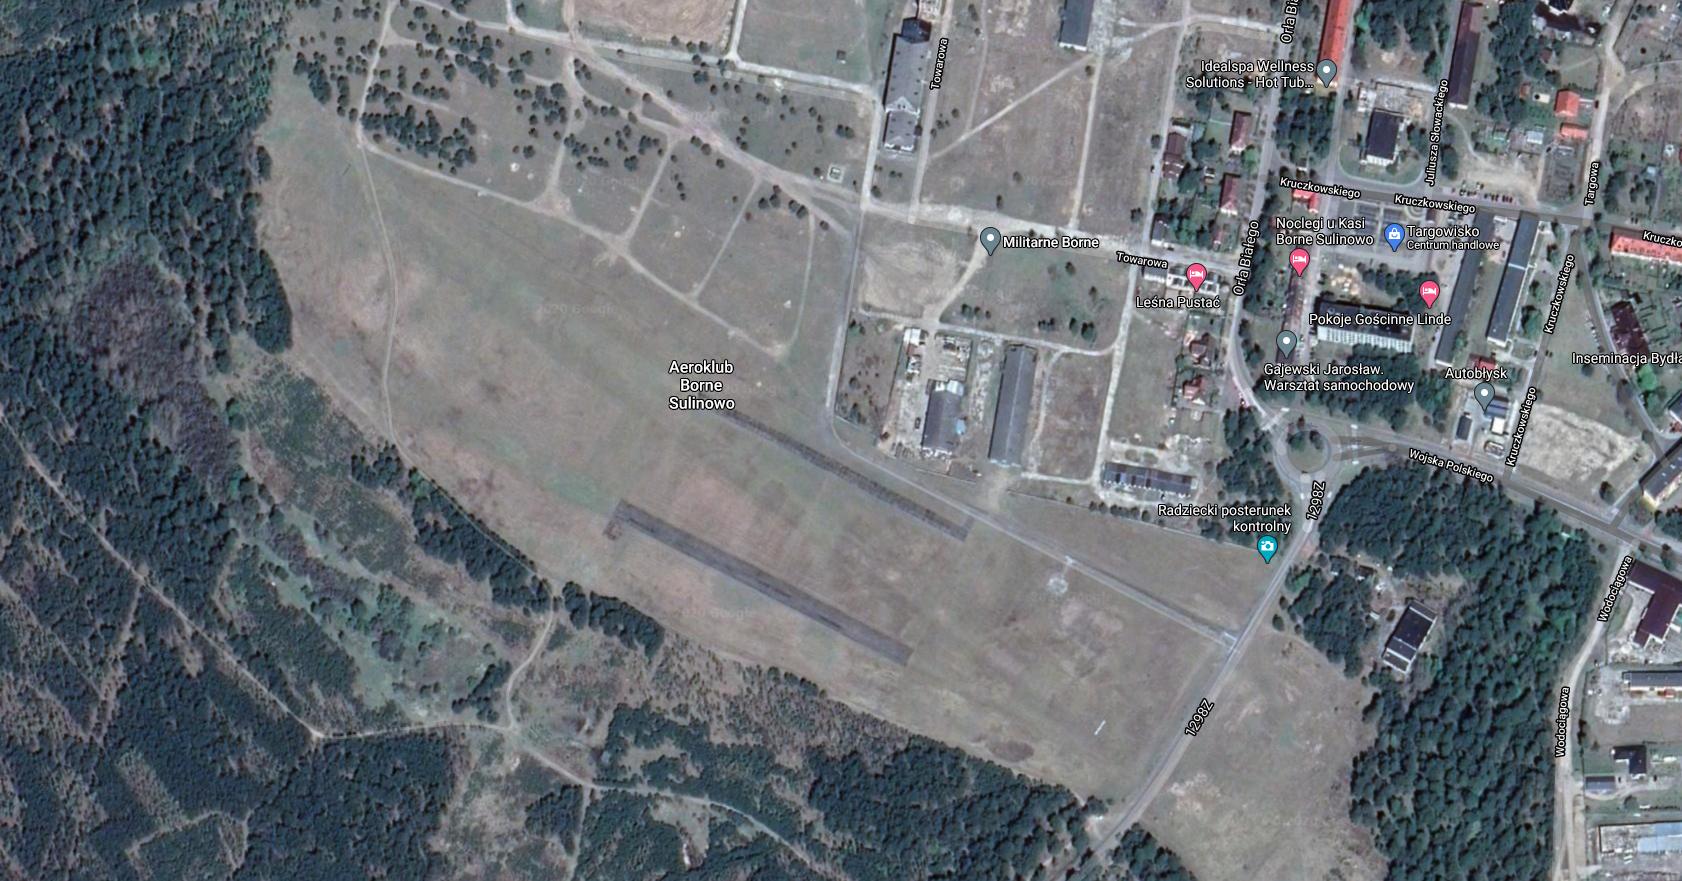 Borne Sulinowo airport. 2021. Satellite image